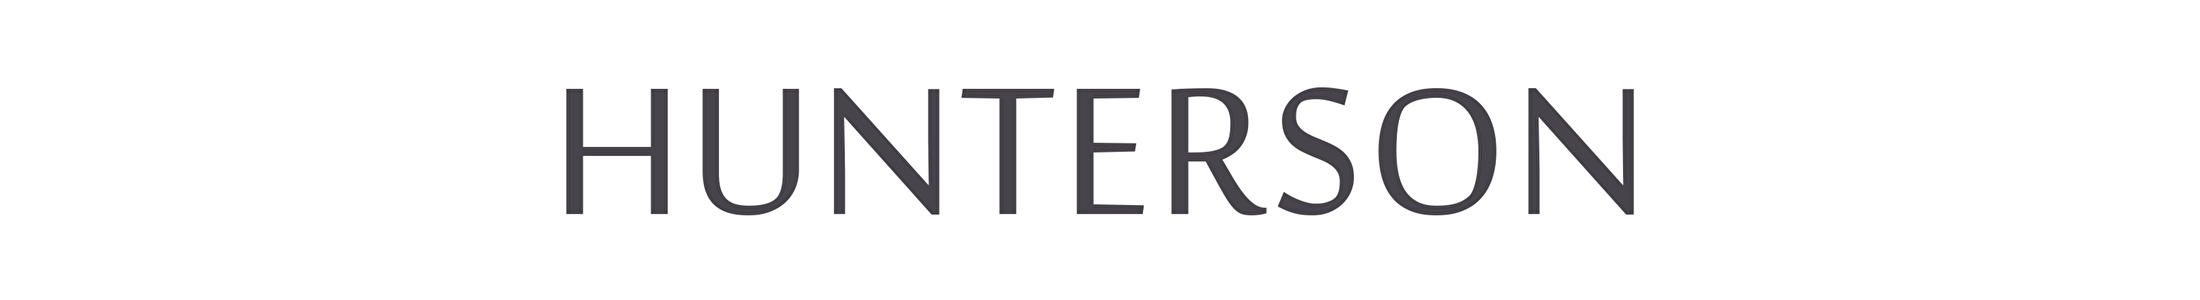 Hunterson Logo